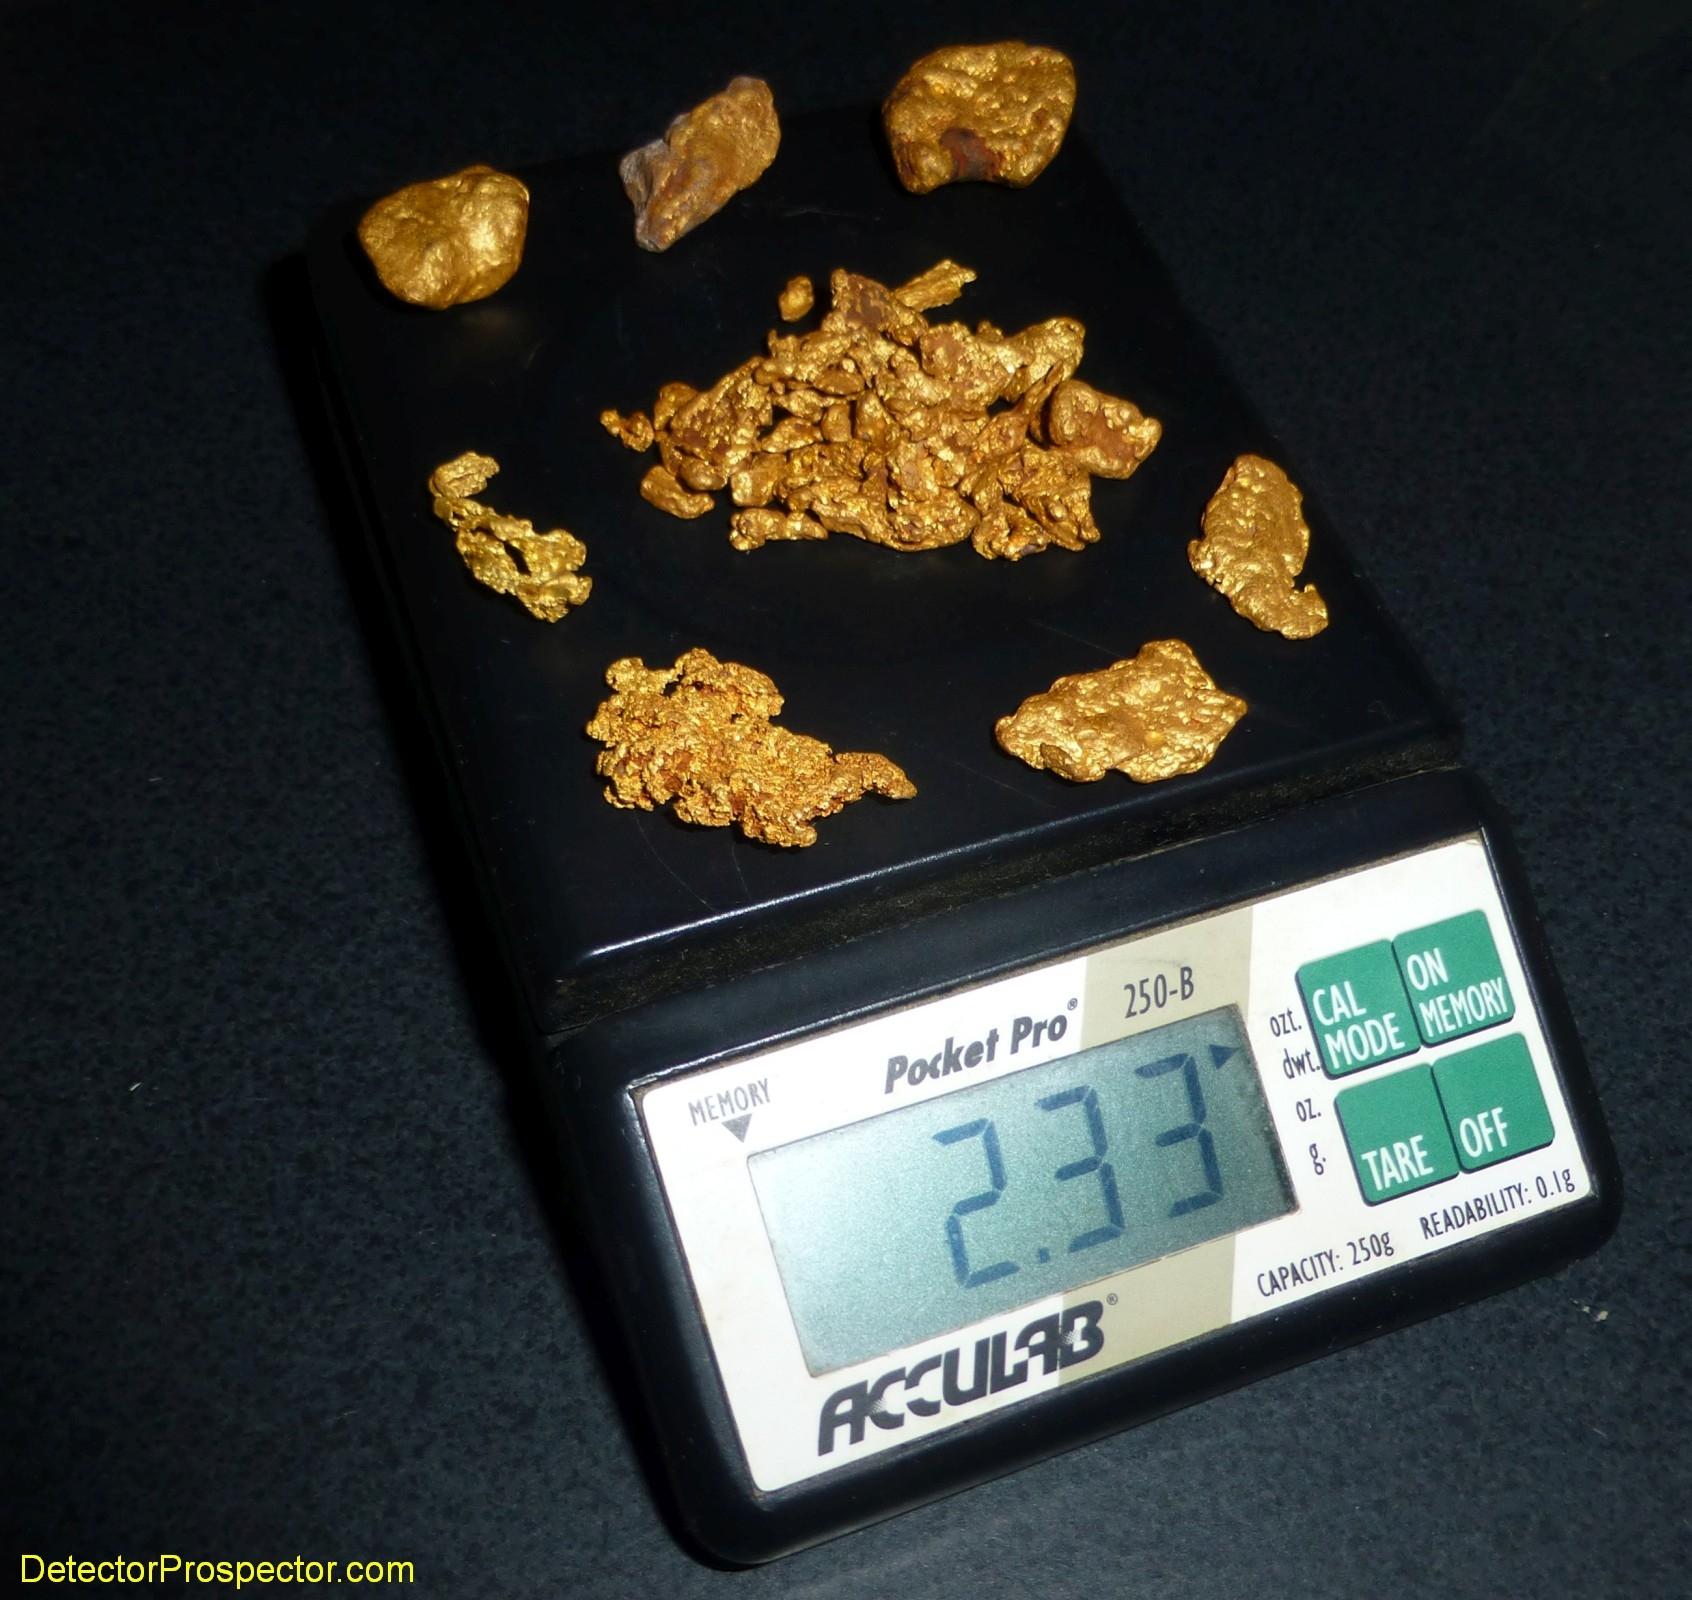 steve-herschbach-2_33-oz-gold-found-australia-2011.jpg